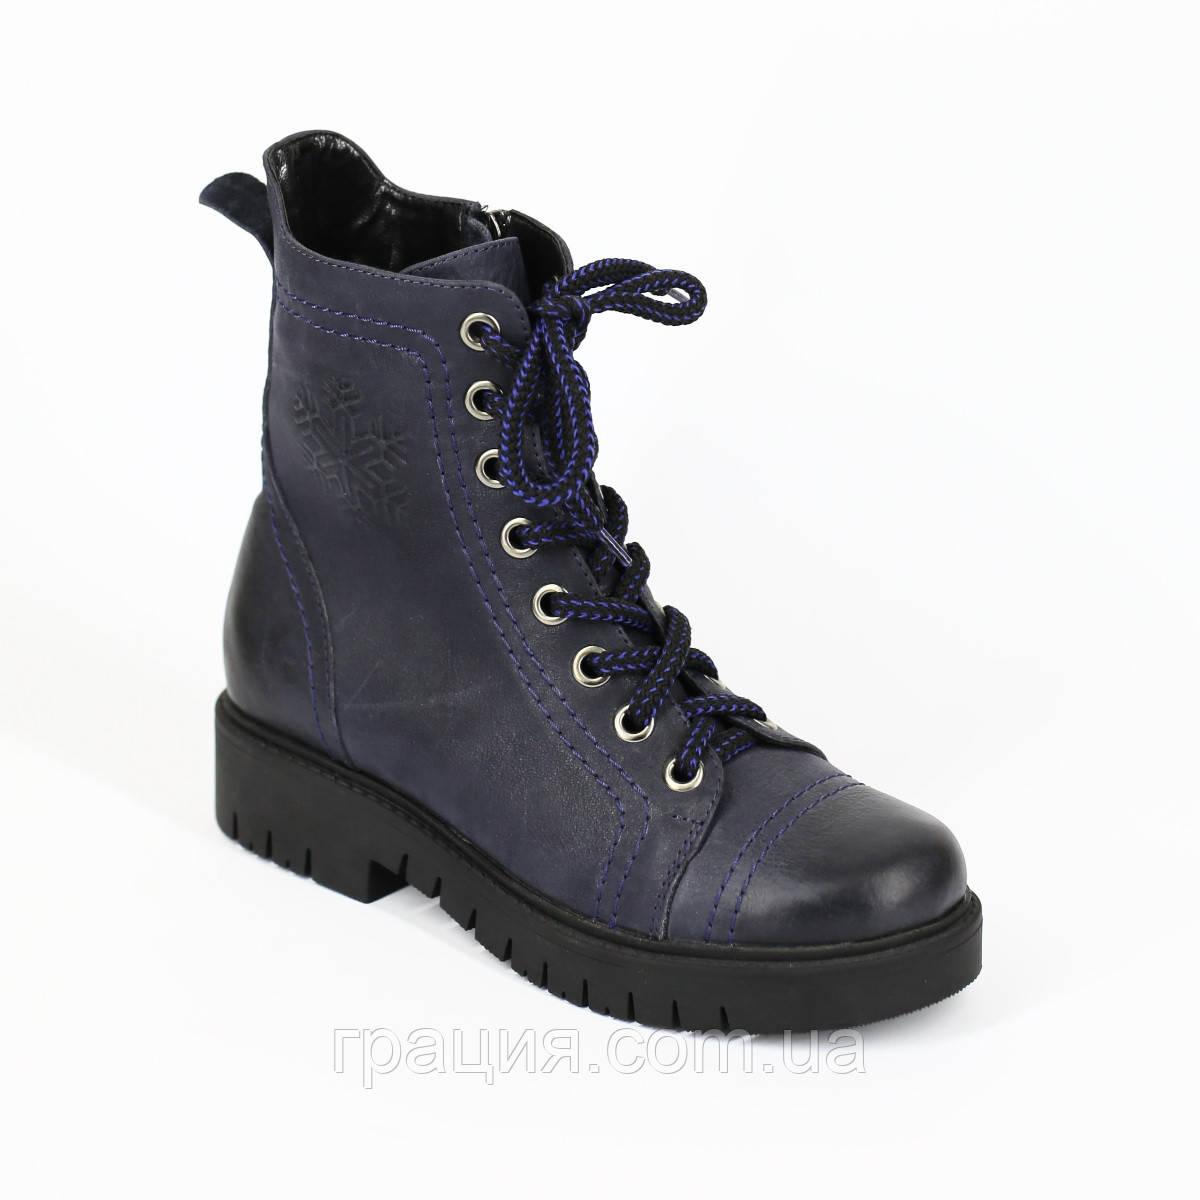 Зимові жіночі шкіряні черевики на шнурівці темно-сині